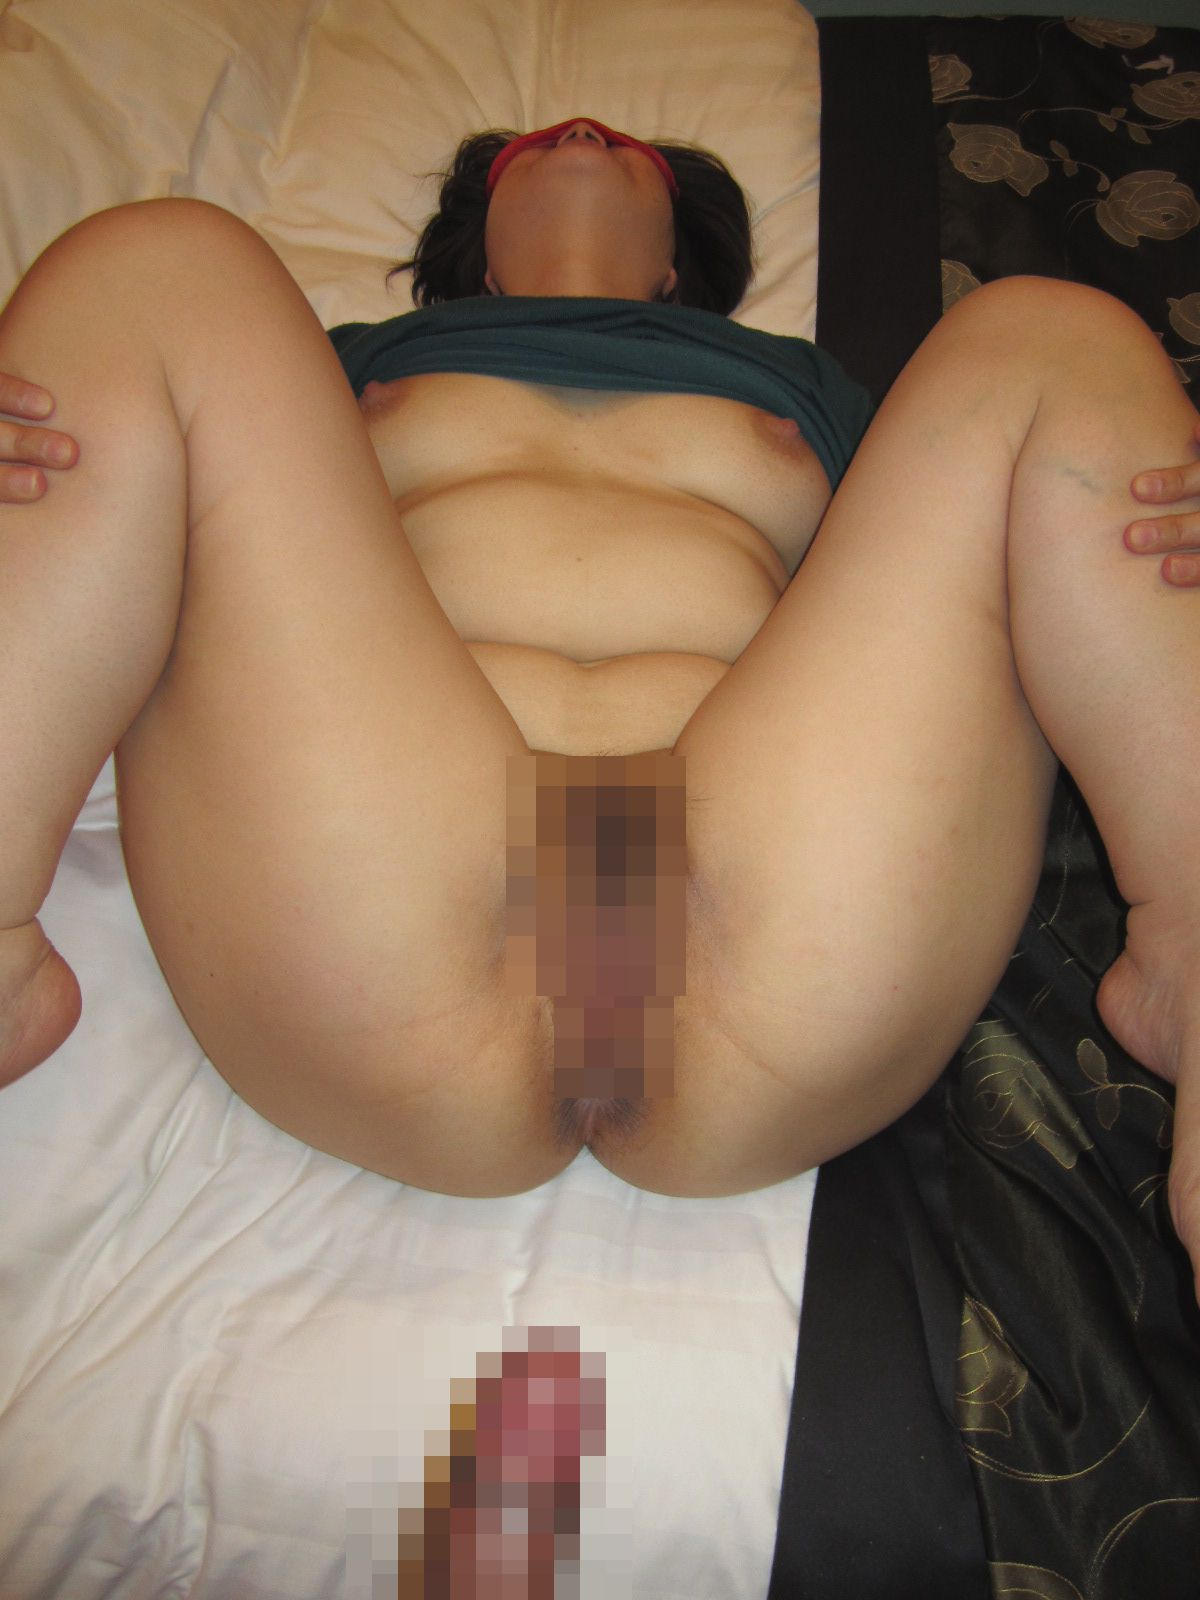 ラブホで不倫するデブの熟女や淫乱人妻のエロ画像10枚目